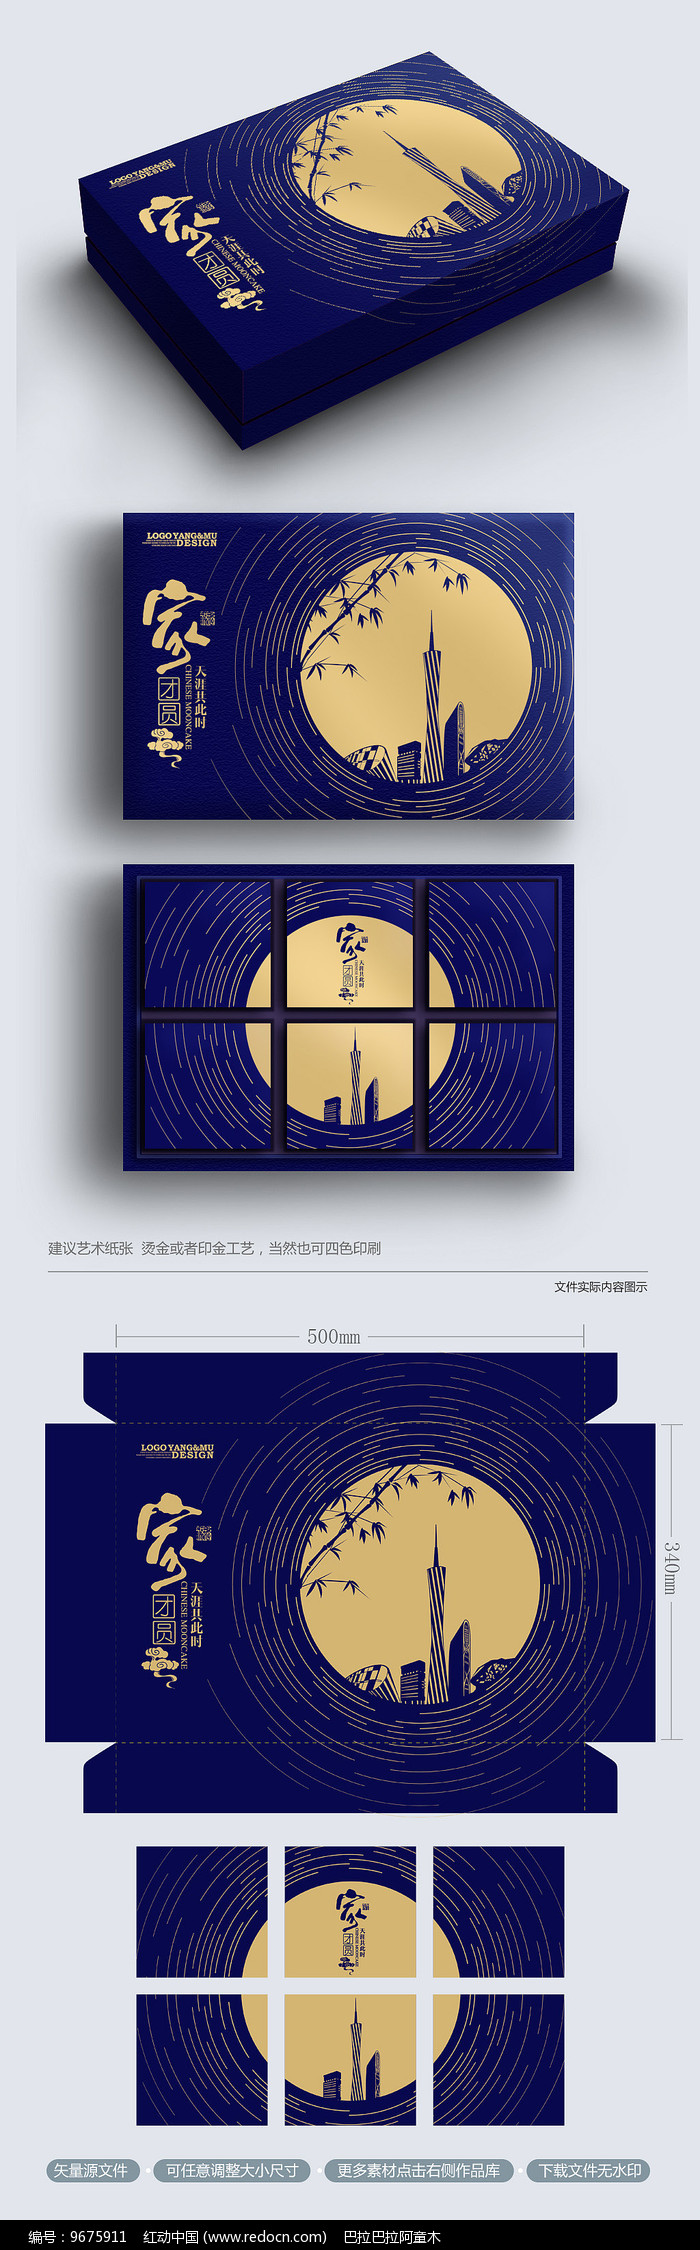 城市广州高端中秋月饼包装礼盒图片